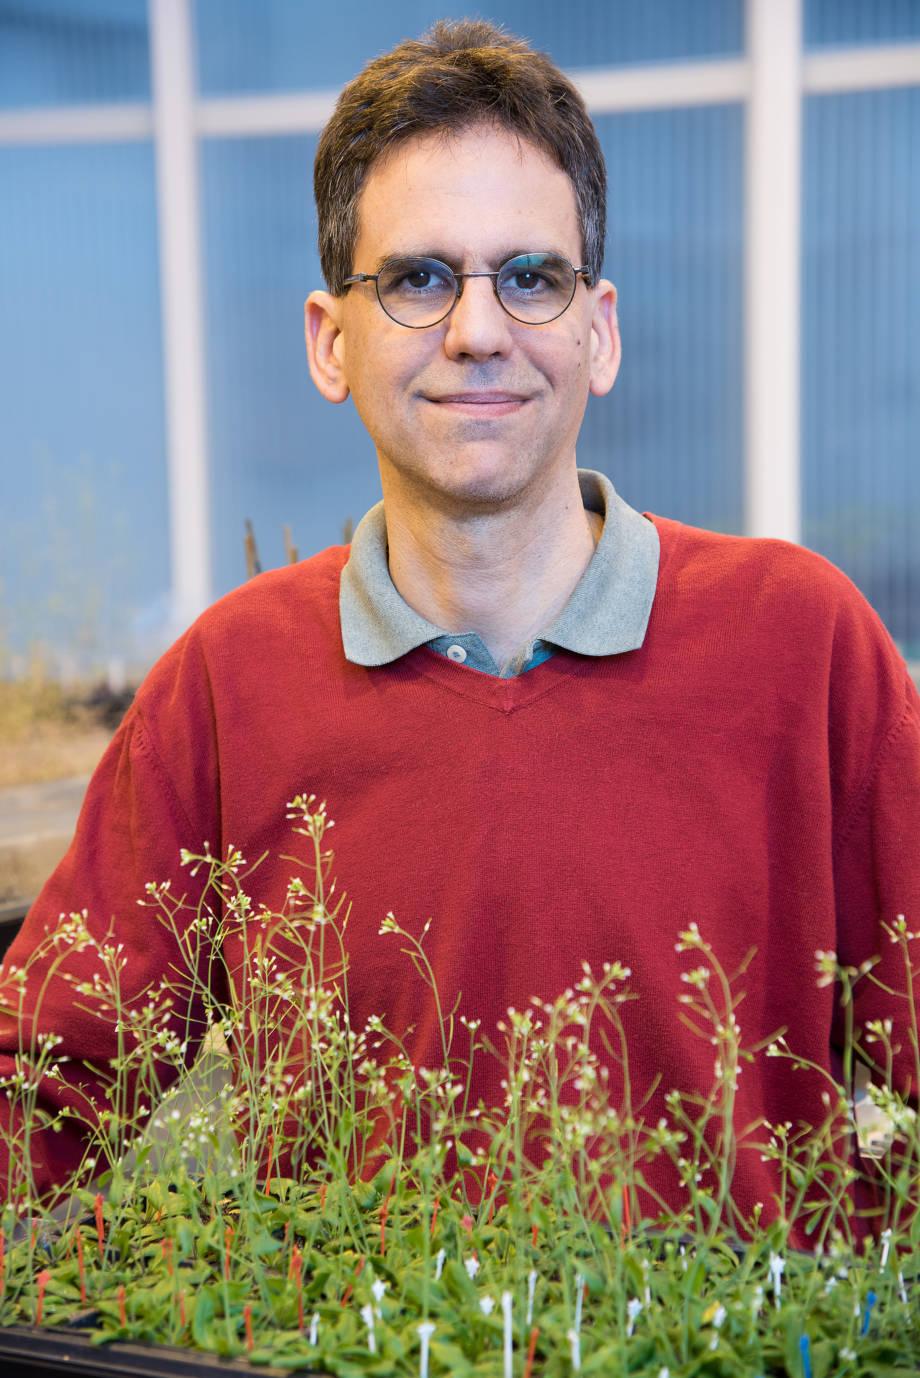 Walter Gassmann